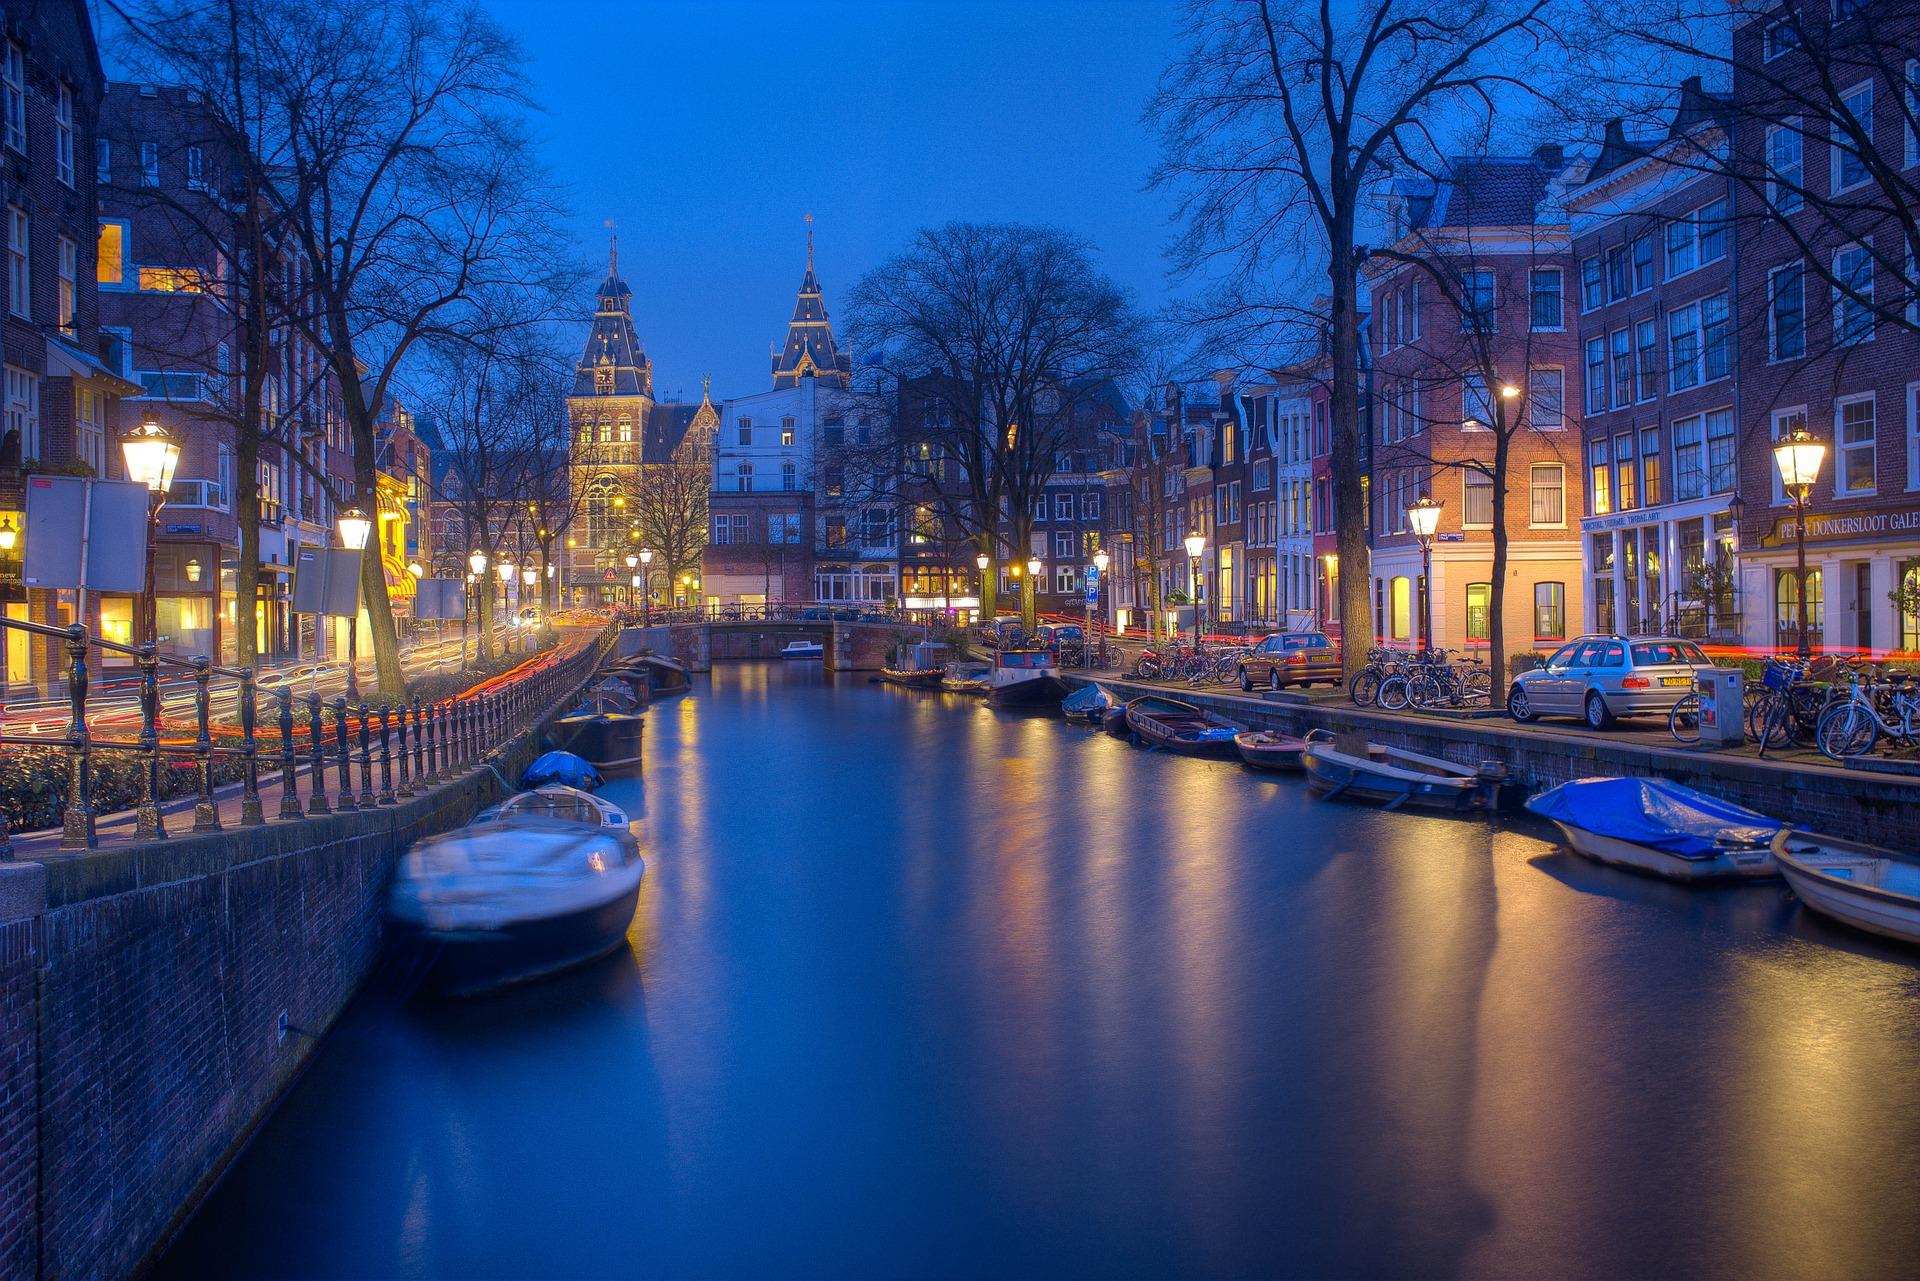 Amsterdam, canaux, nuit, lumières, bateaux, sérénité - Fonds d'écran HD - Professor-falken.com